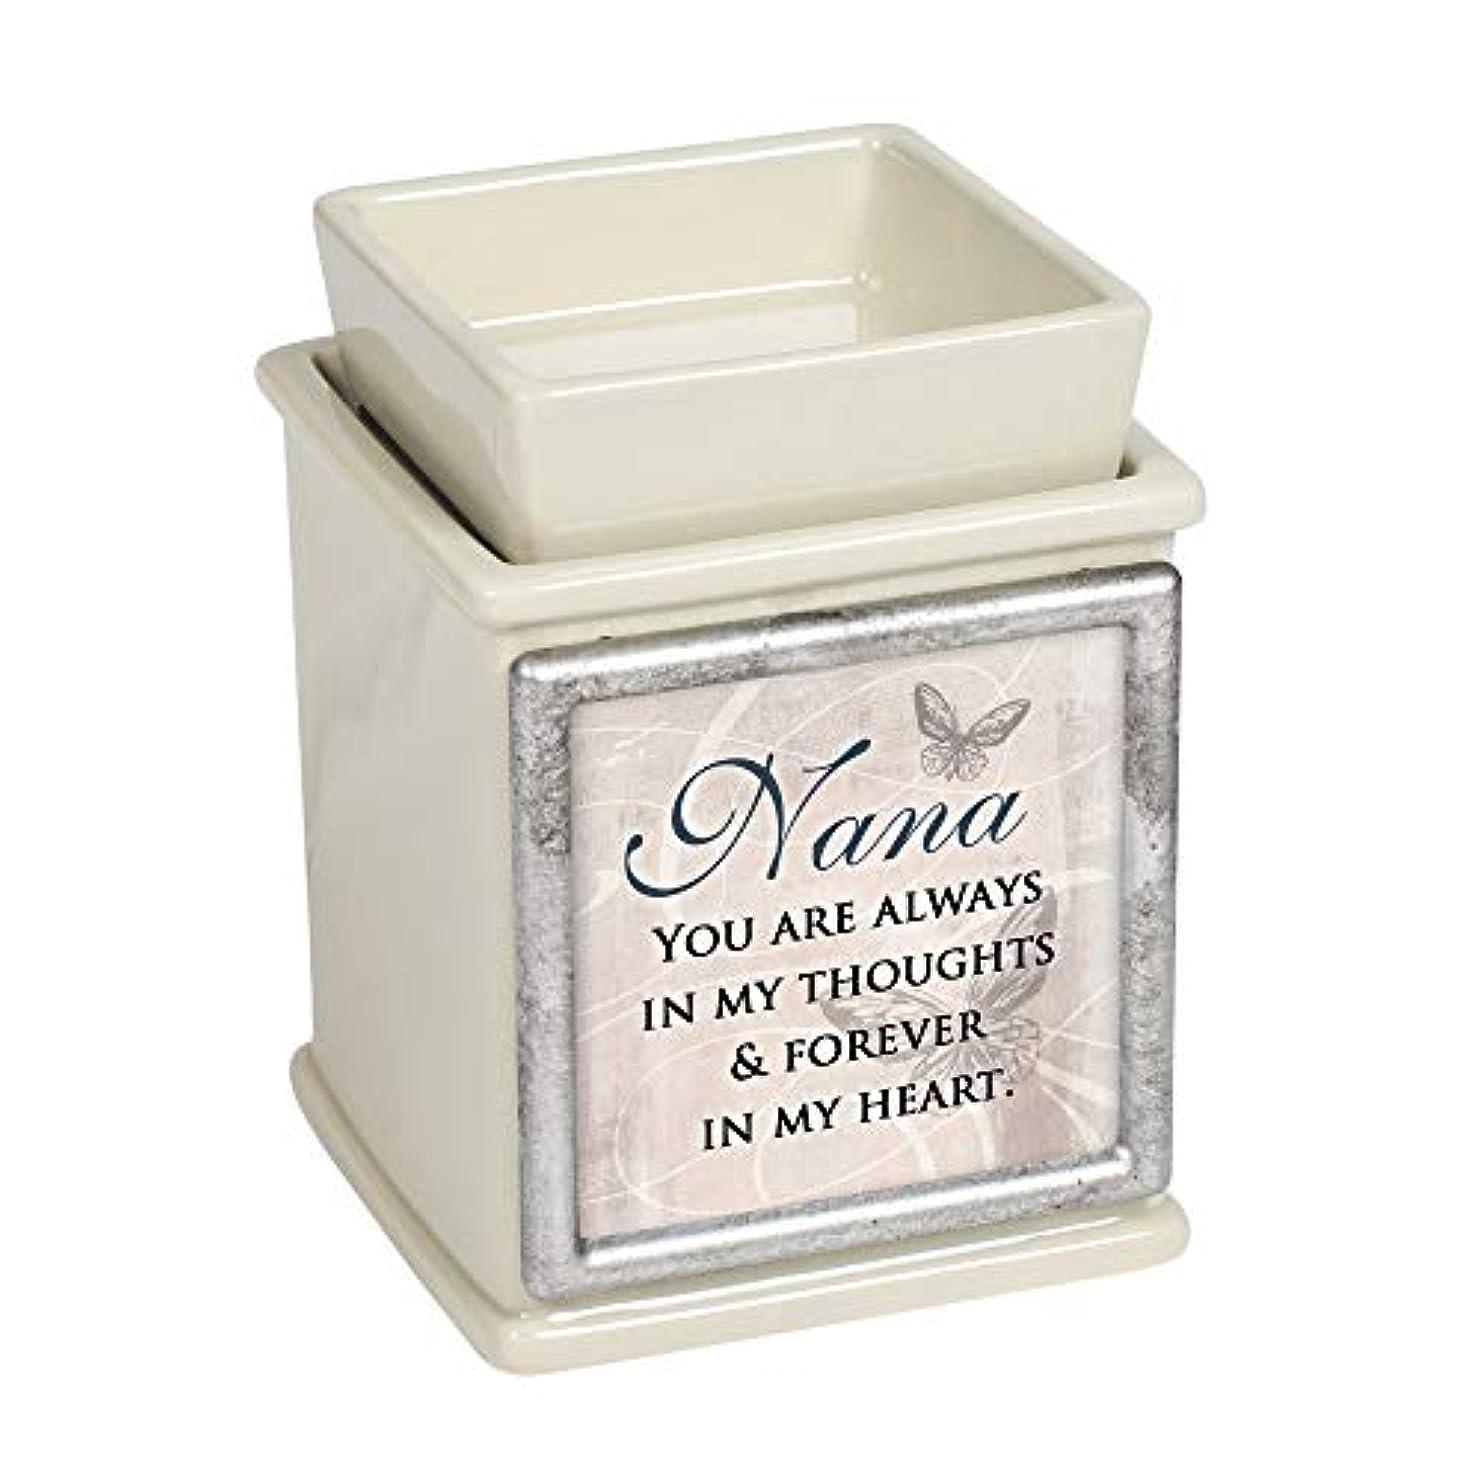 排泄する私たちのエーカーElanze Designs Nana Forever in My Heart パウダー サンド 交換可能 プリント キャンドル ワックス オイルウォーマー